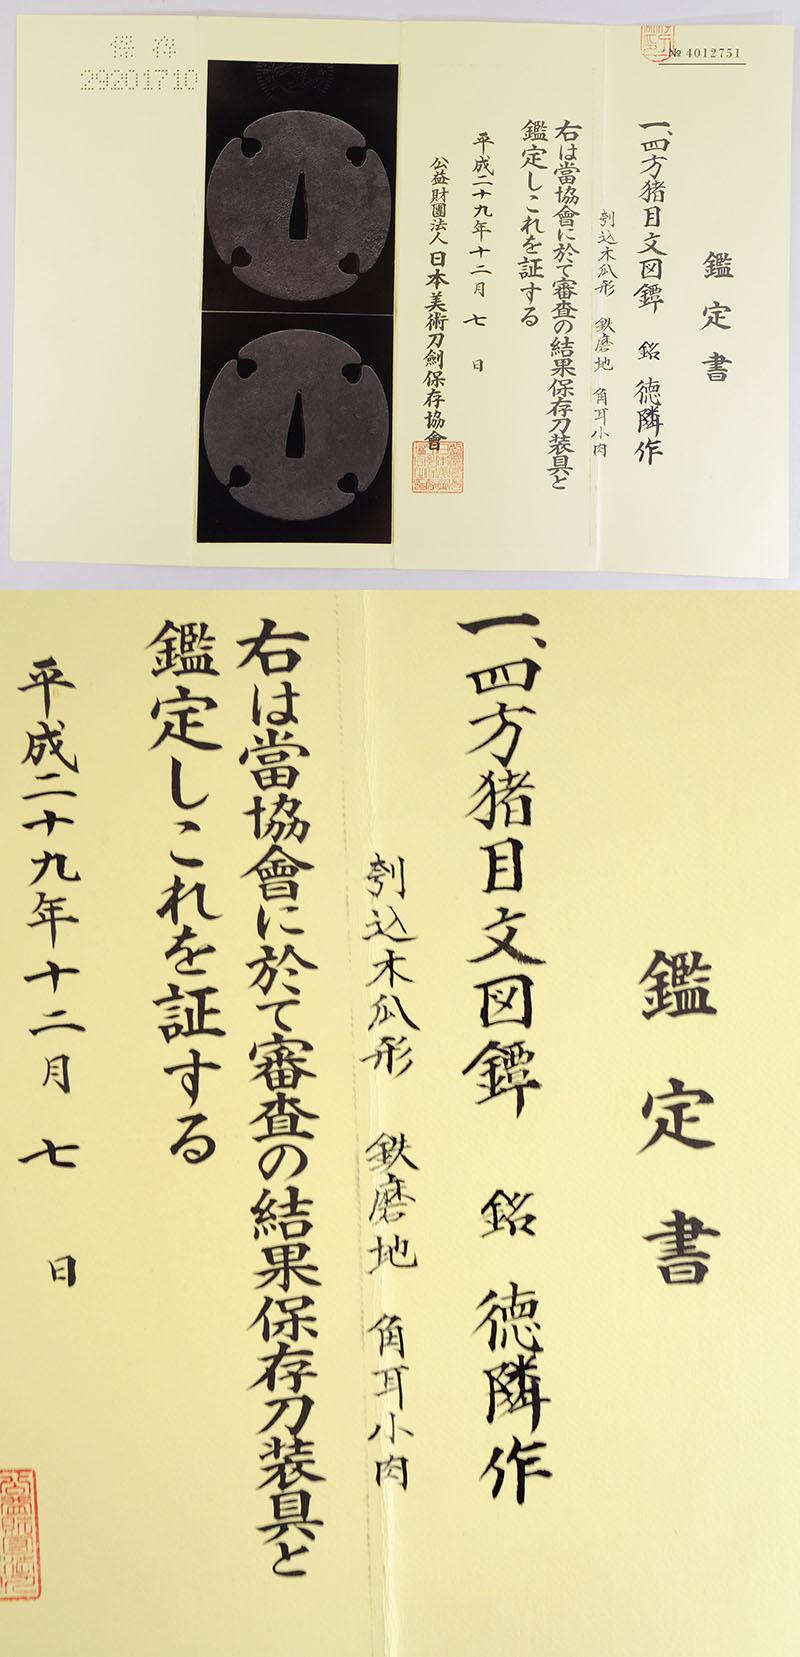 四方猪目文図鍔 徳隣作(市毛徳隣初代)(水戸藩抱え工)(刀匠鍔) Picture of Certificate